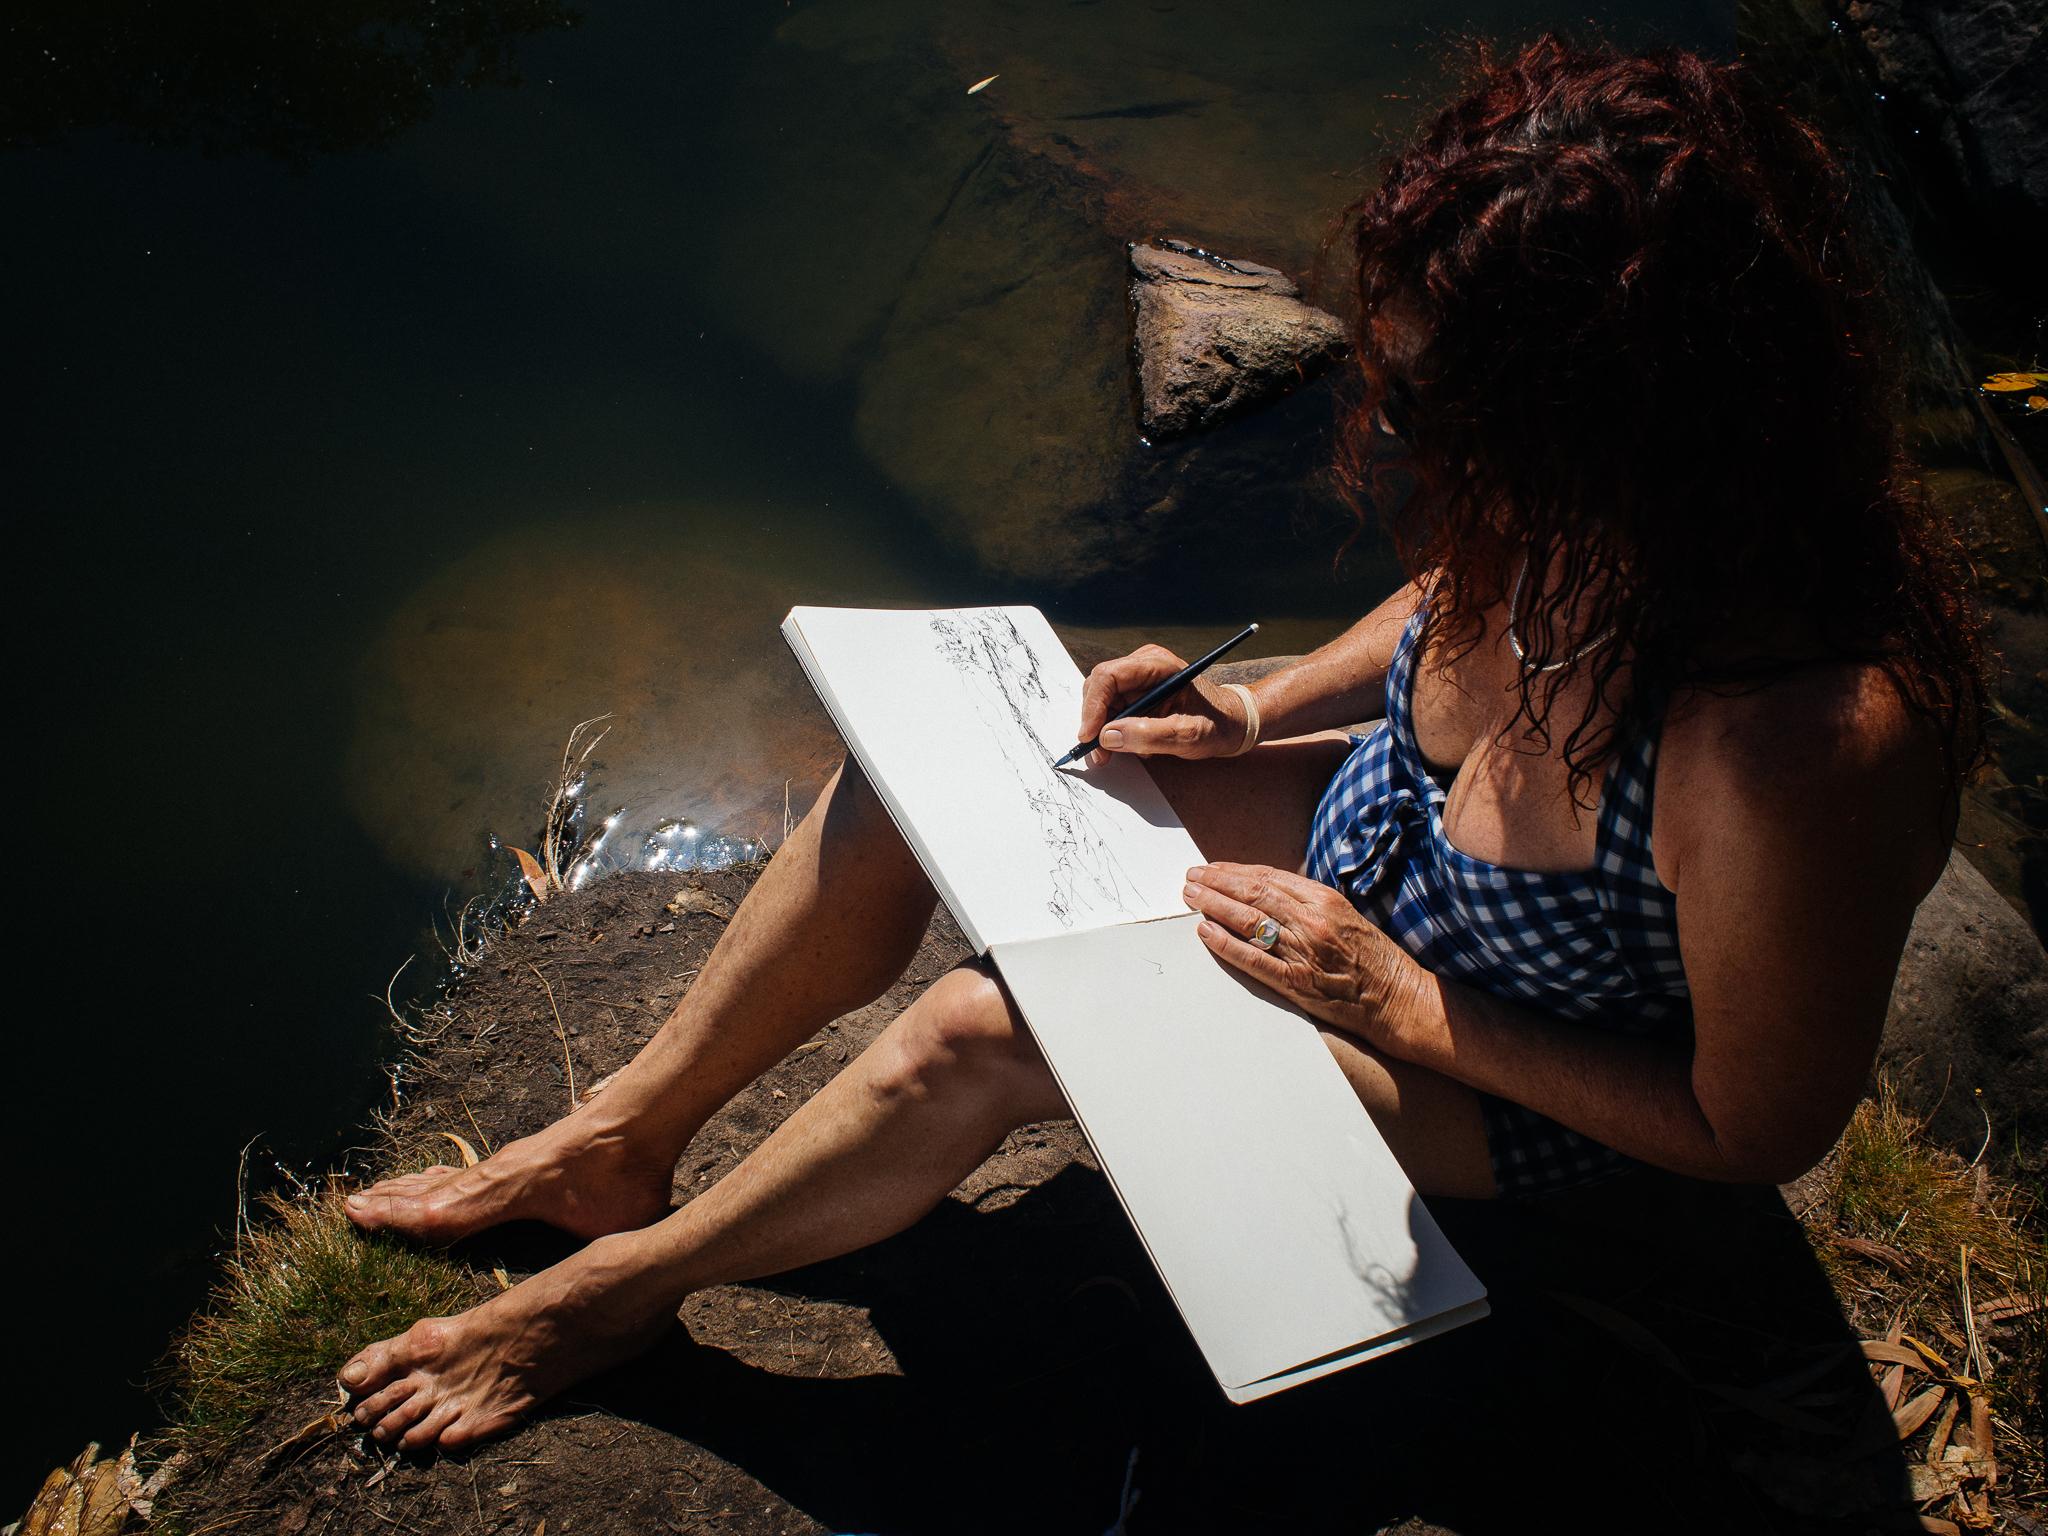 En plein air drawing Top of Gunlom Falls NT.